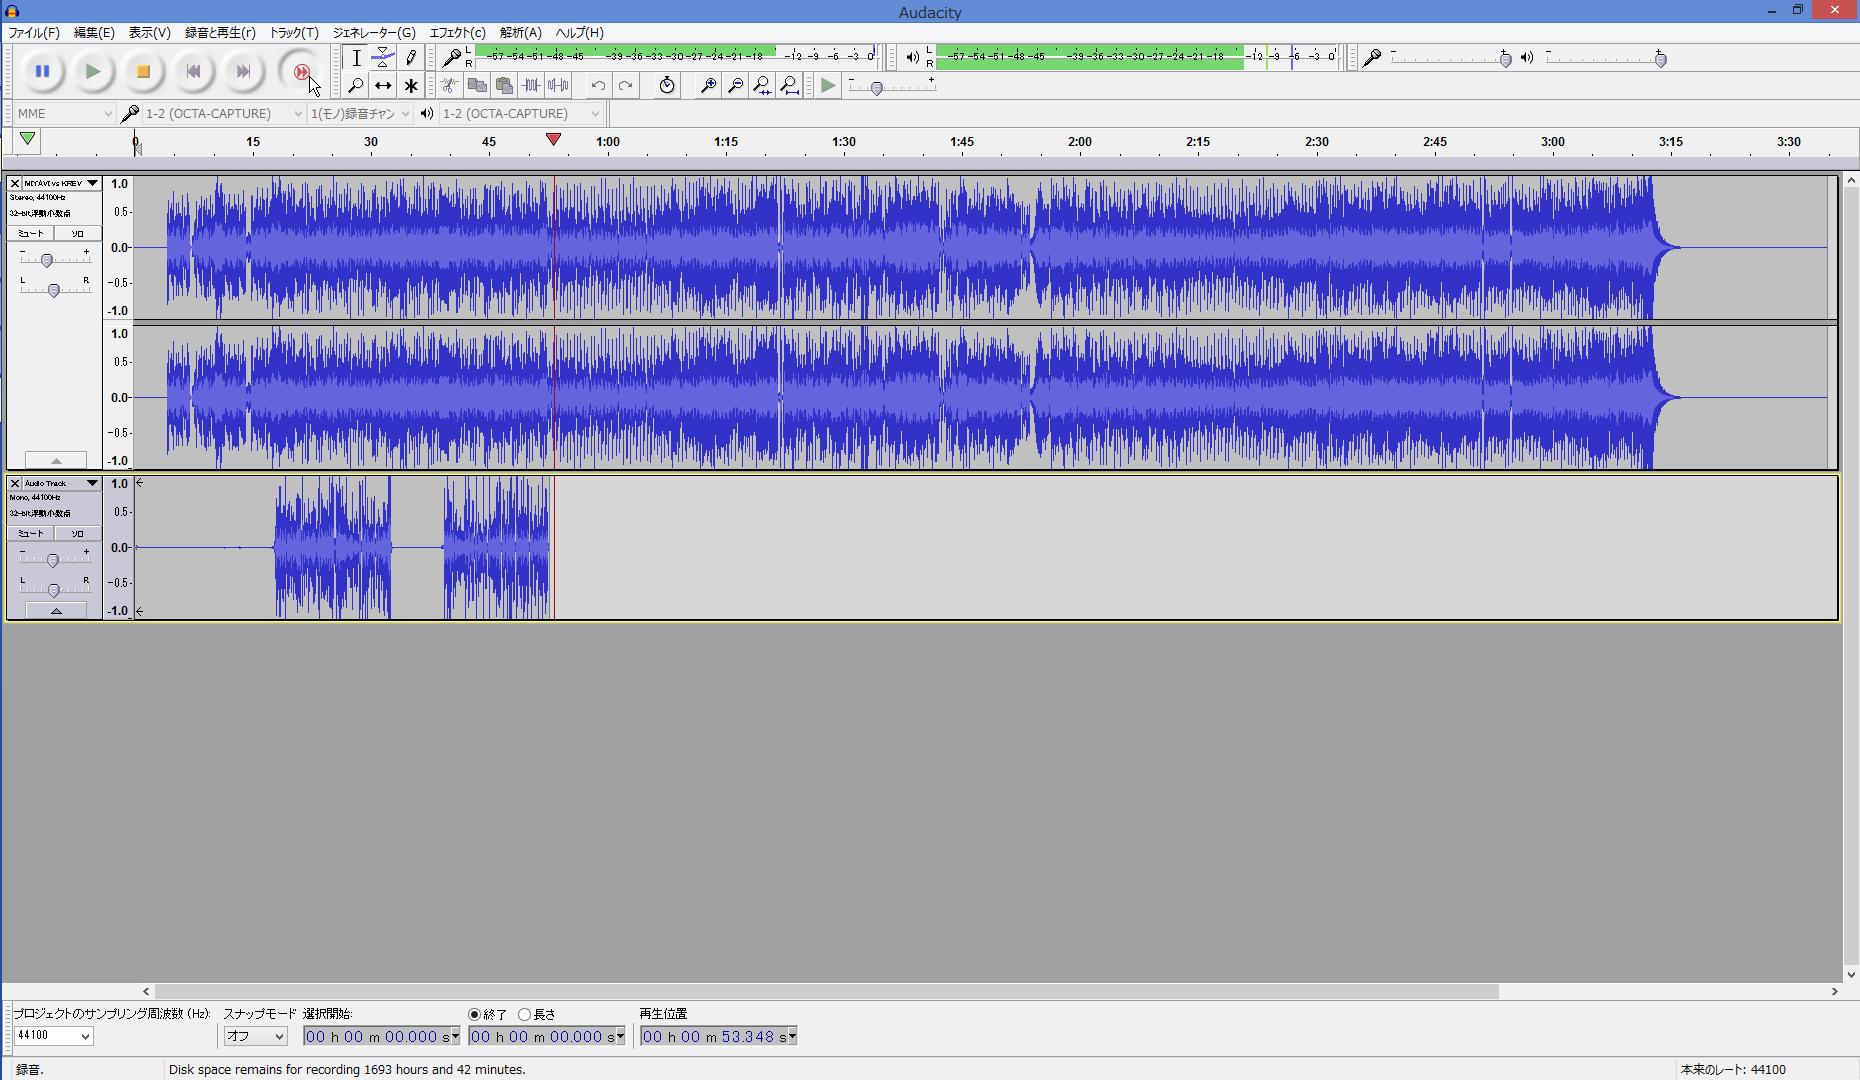 録音した波形が図のようになっていなければ、正常に録音できています